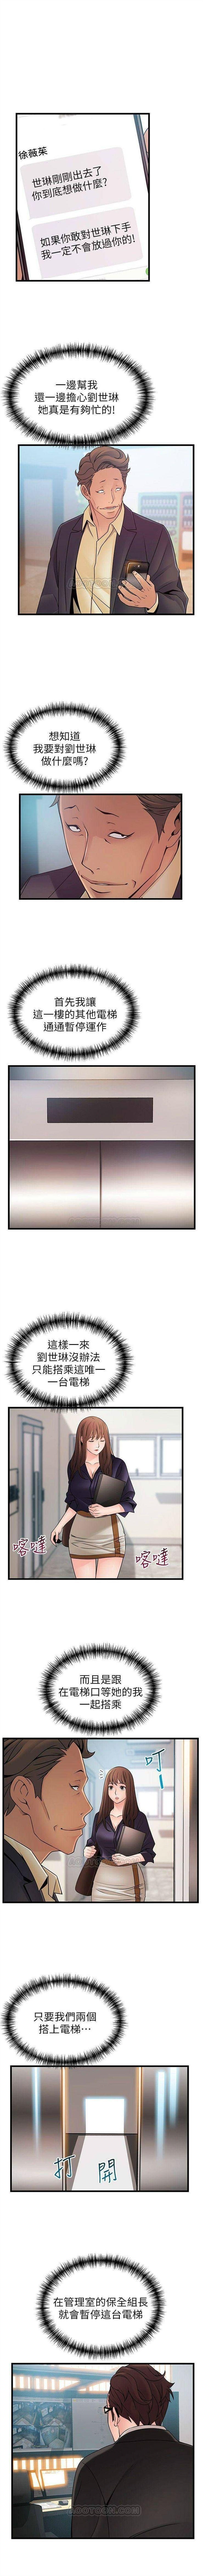 (週7)弱點 1-76 中文翻譯(更新中) 374